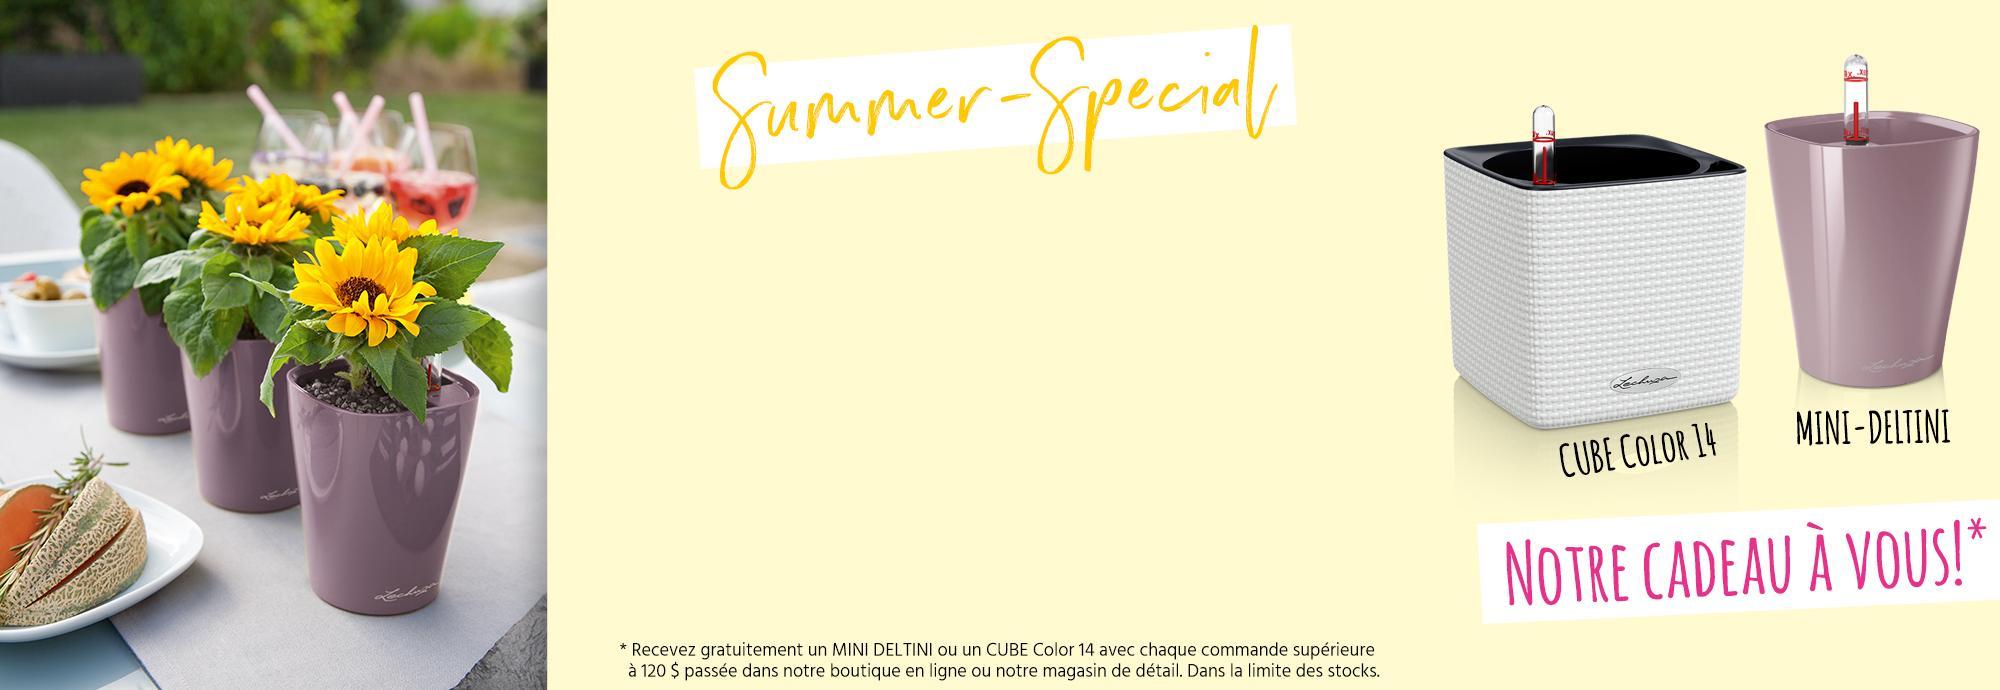 hero_banner_promo-summer-special_ca_fr